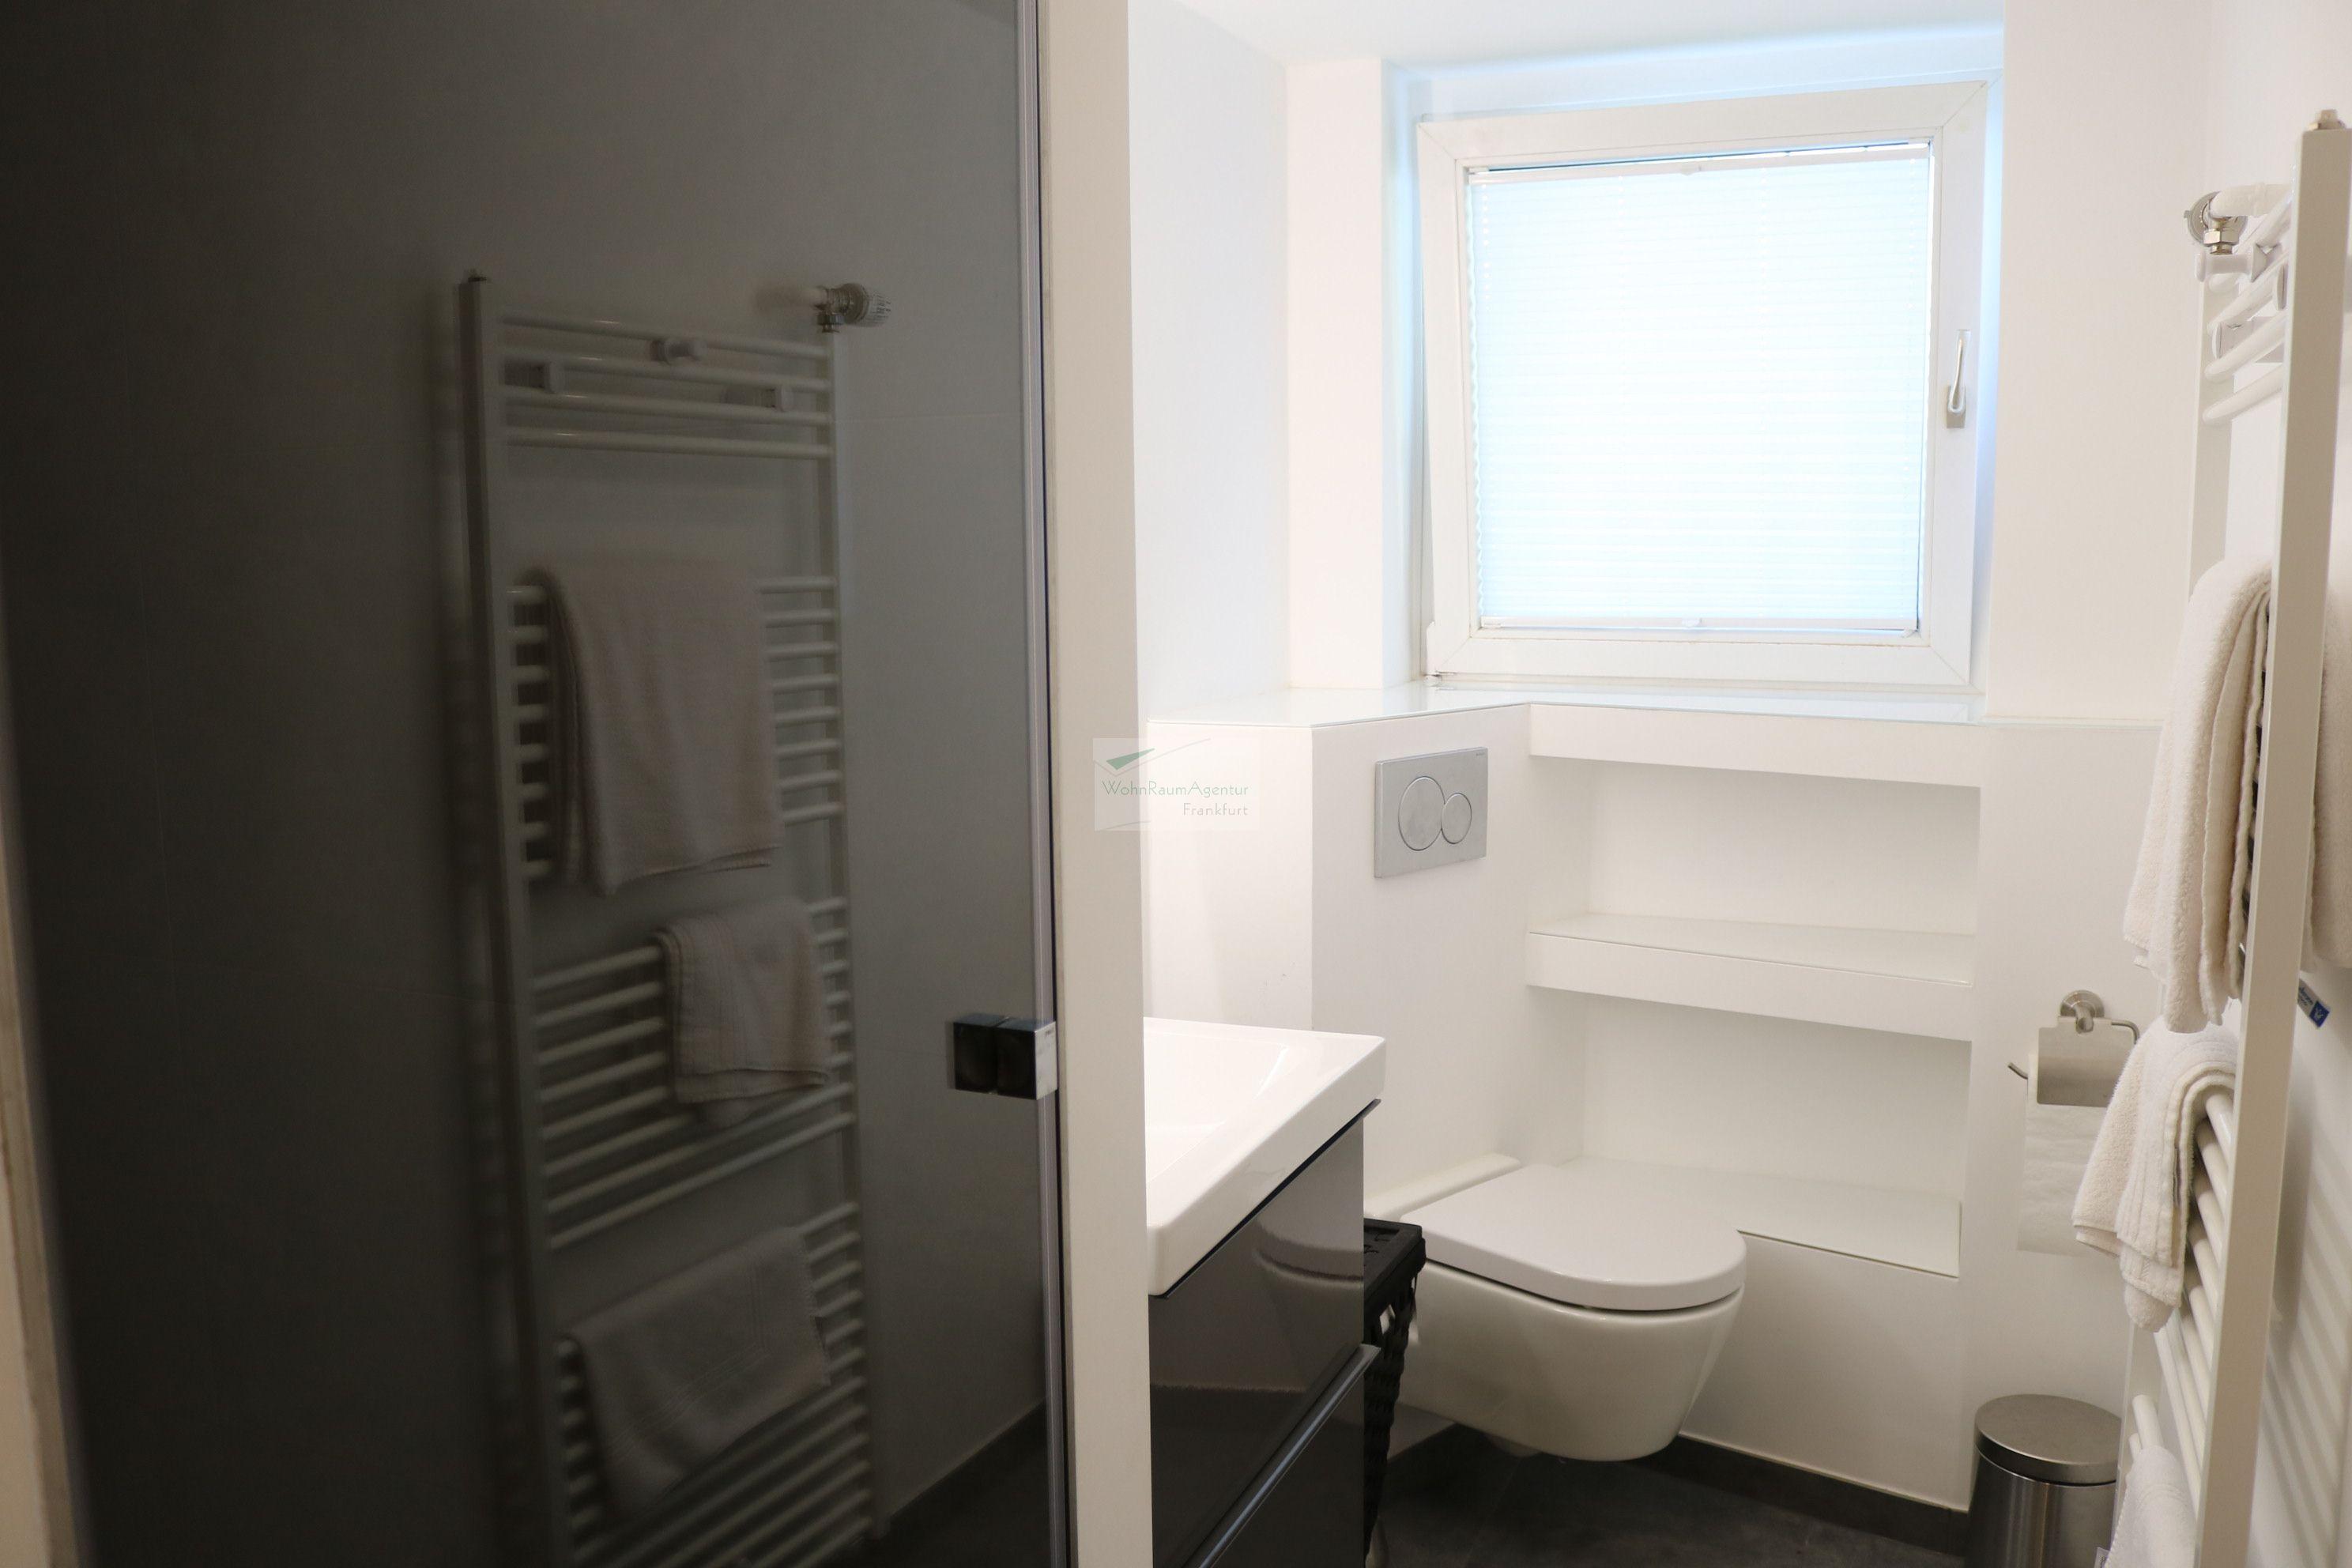 frankfurt dornbusch 1 zimmer wohnung 4658 wohnraumagentur. Black Bedroom Furniture Sets. Home Design Ideas